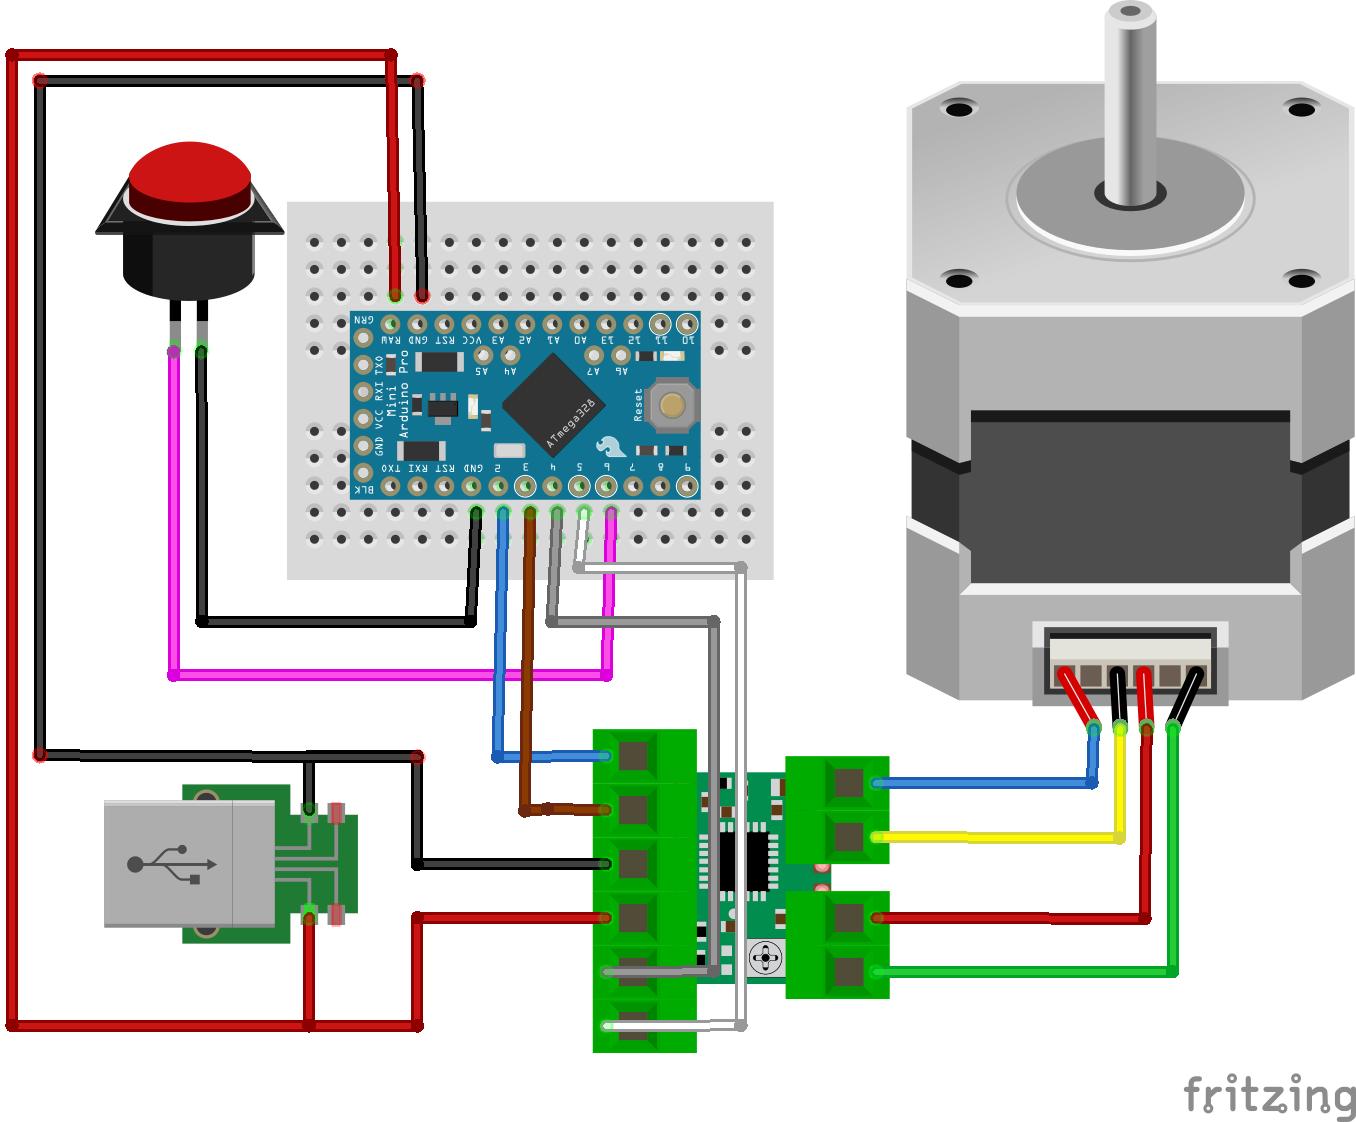 Uploads2ftmp2f8e2f5a2f 7962 420d 940c a11c7a7f0f552fautomatic cat feeder schematic pqlrqfstz6